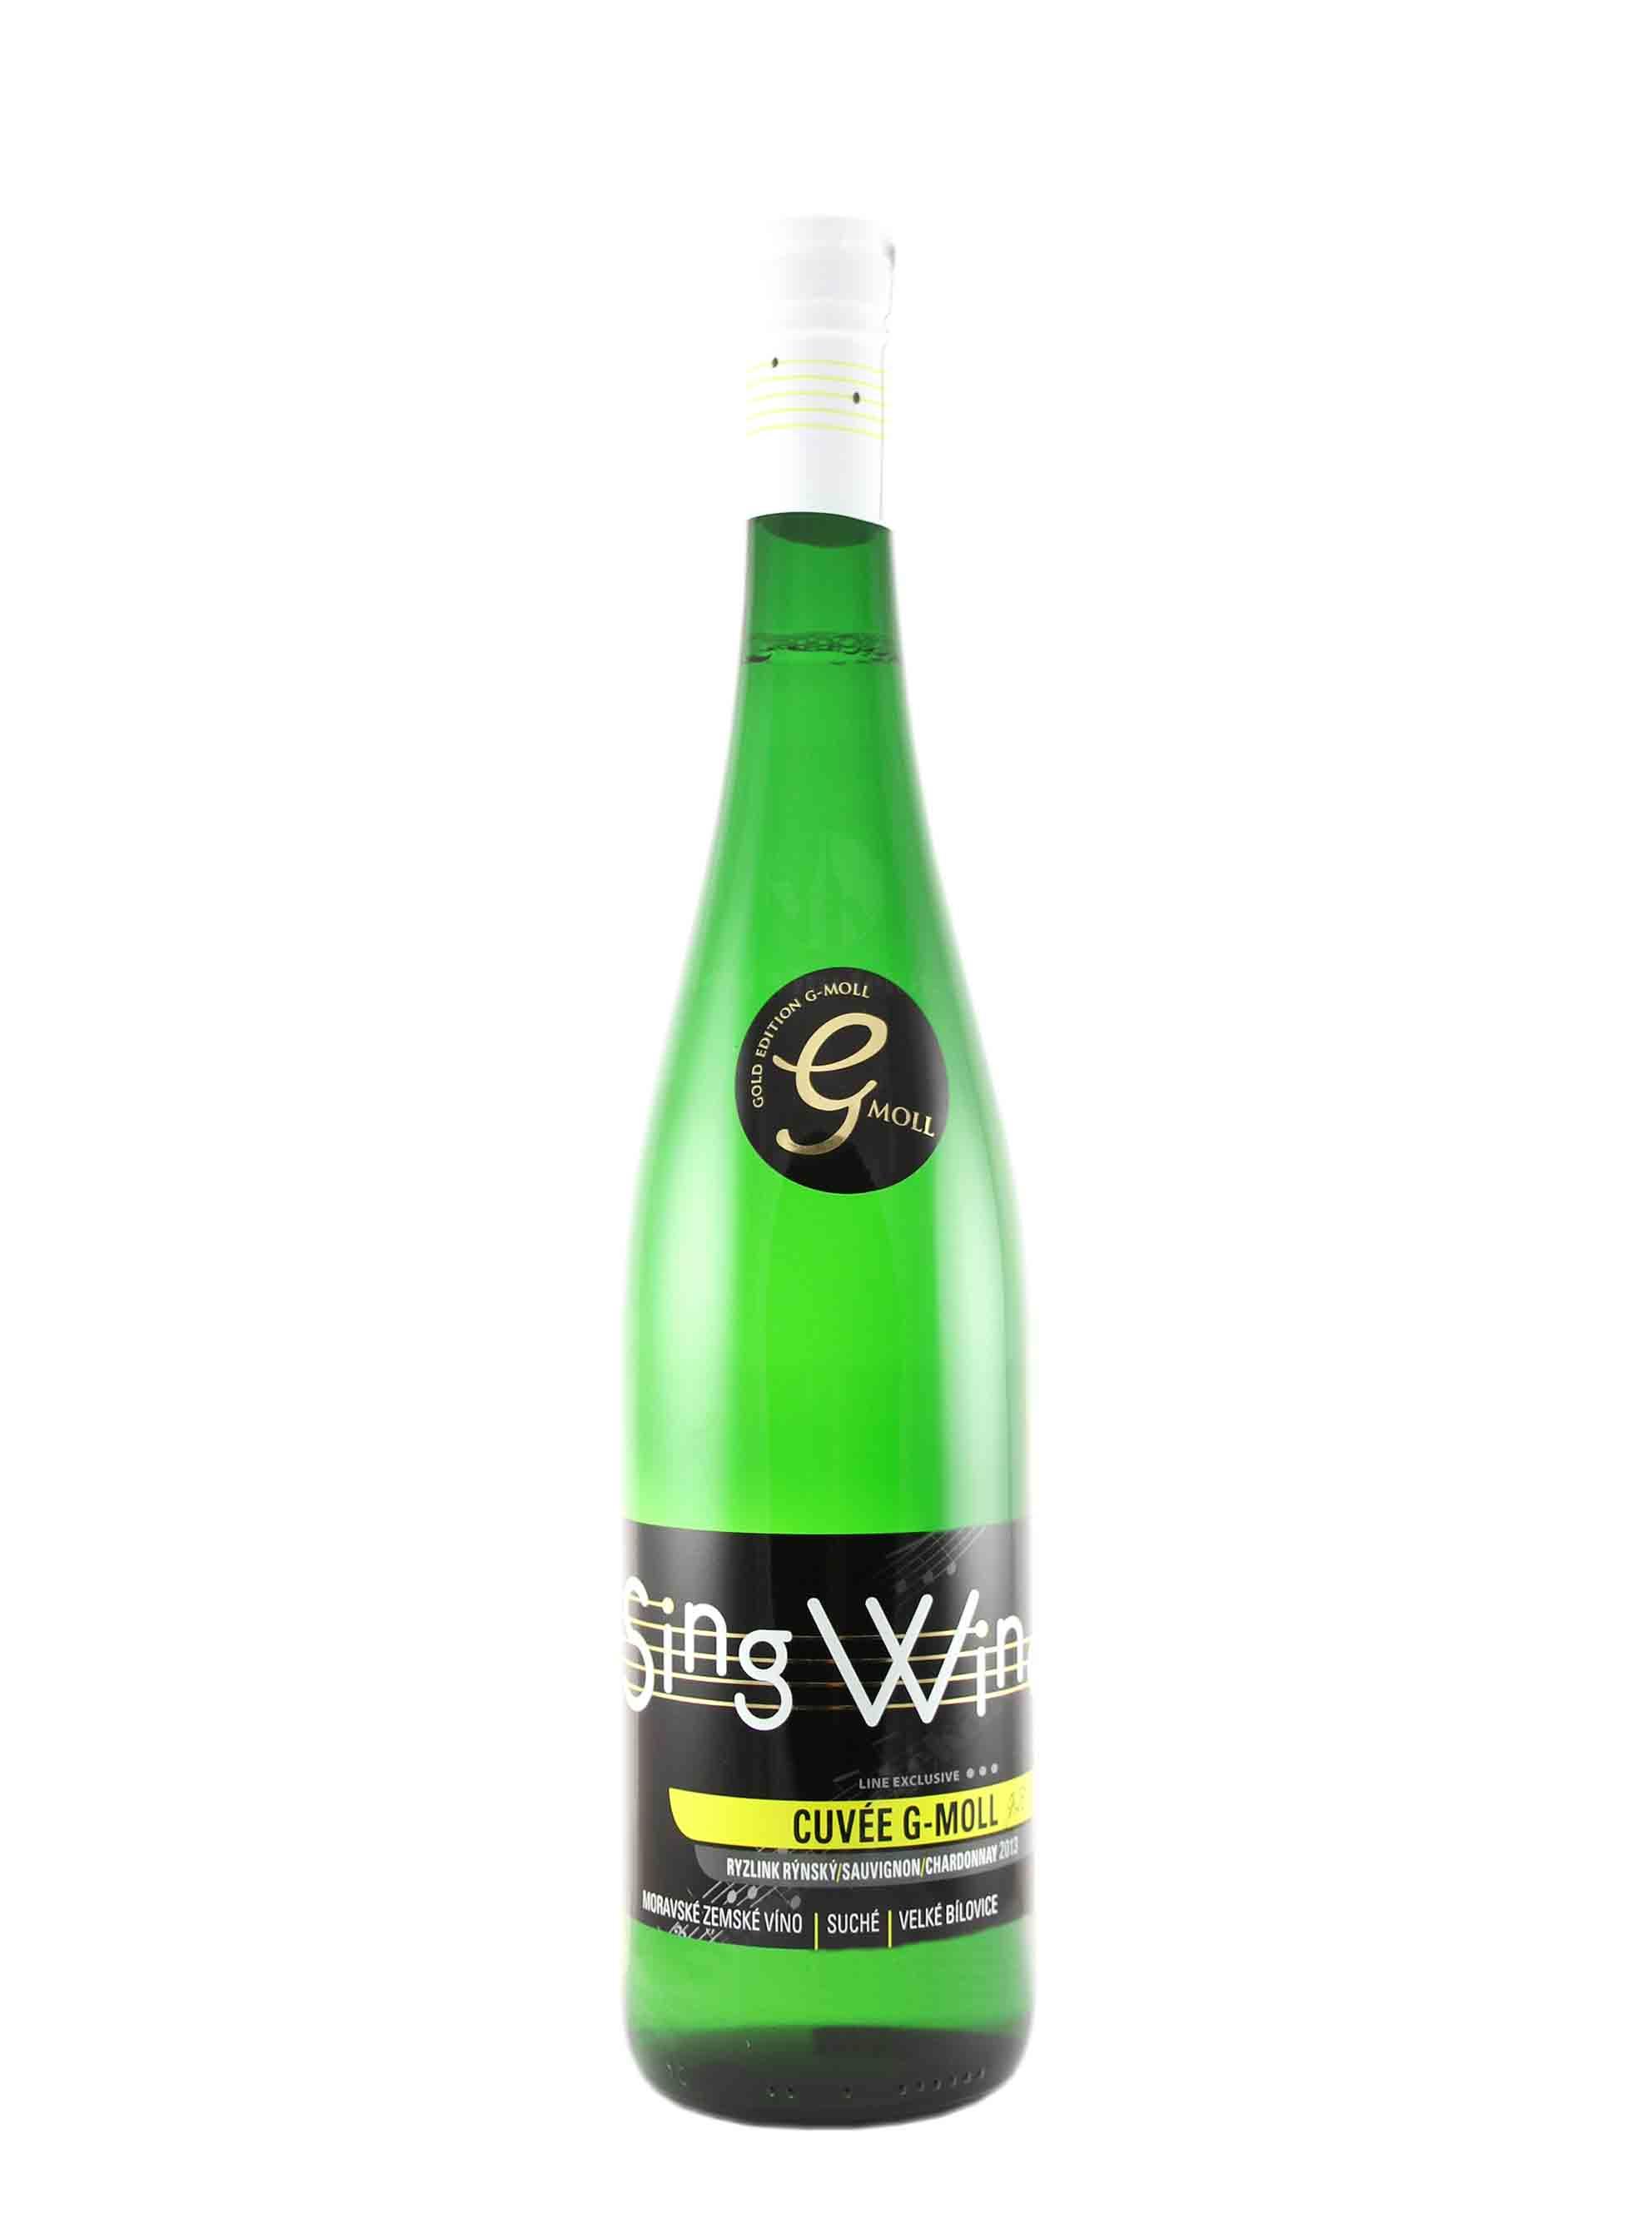 Cuvée, G - Moll, Zemské, 2013, Sing Wine, 0.75 l